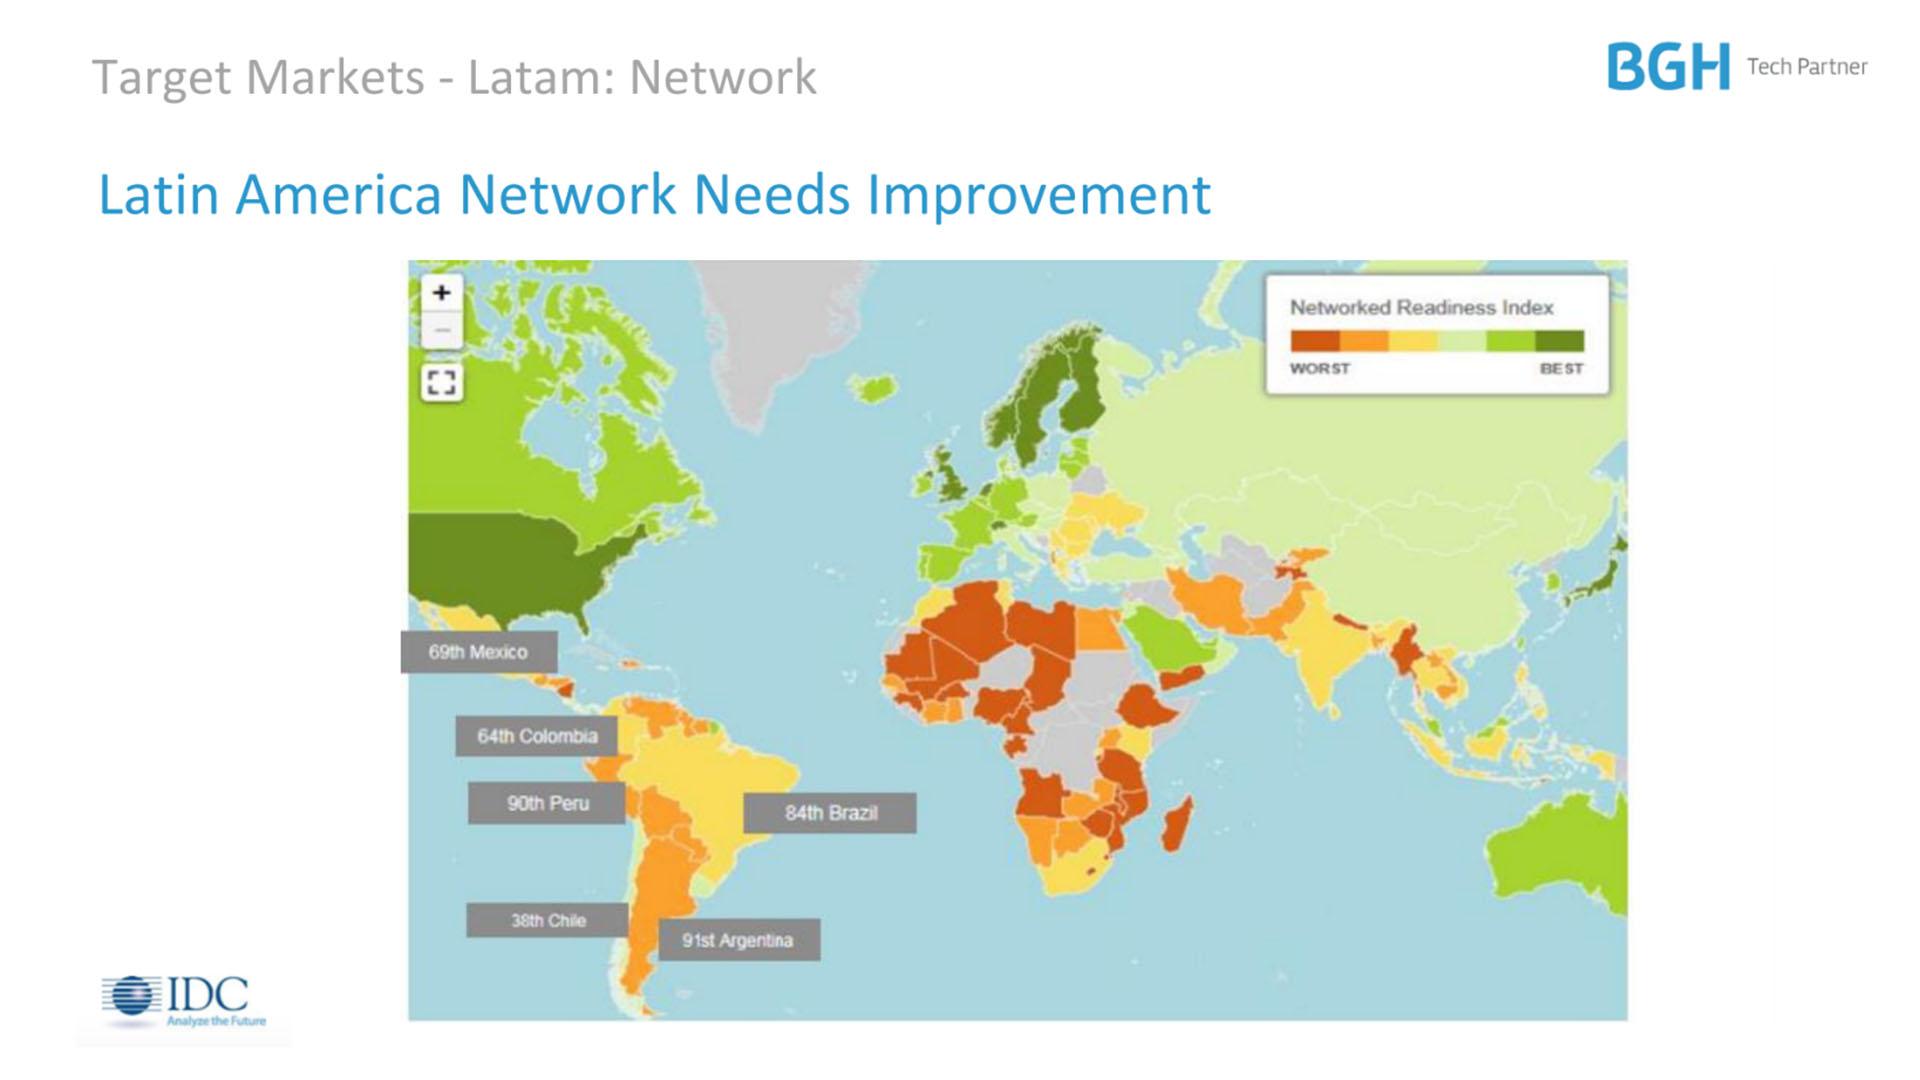 La Argentina se mantiene entre las naciones más atrasadas en el uso de la última tecnología (BGH Tech Partner)